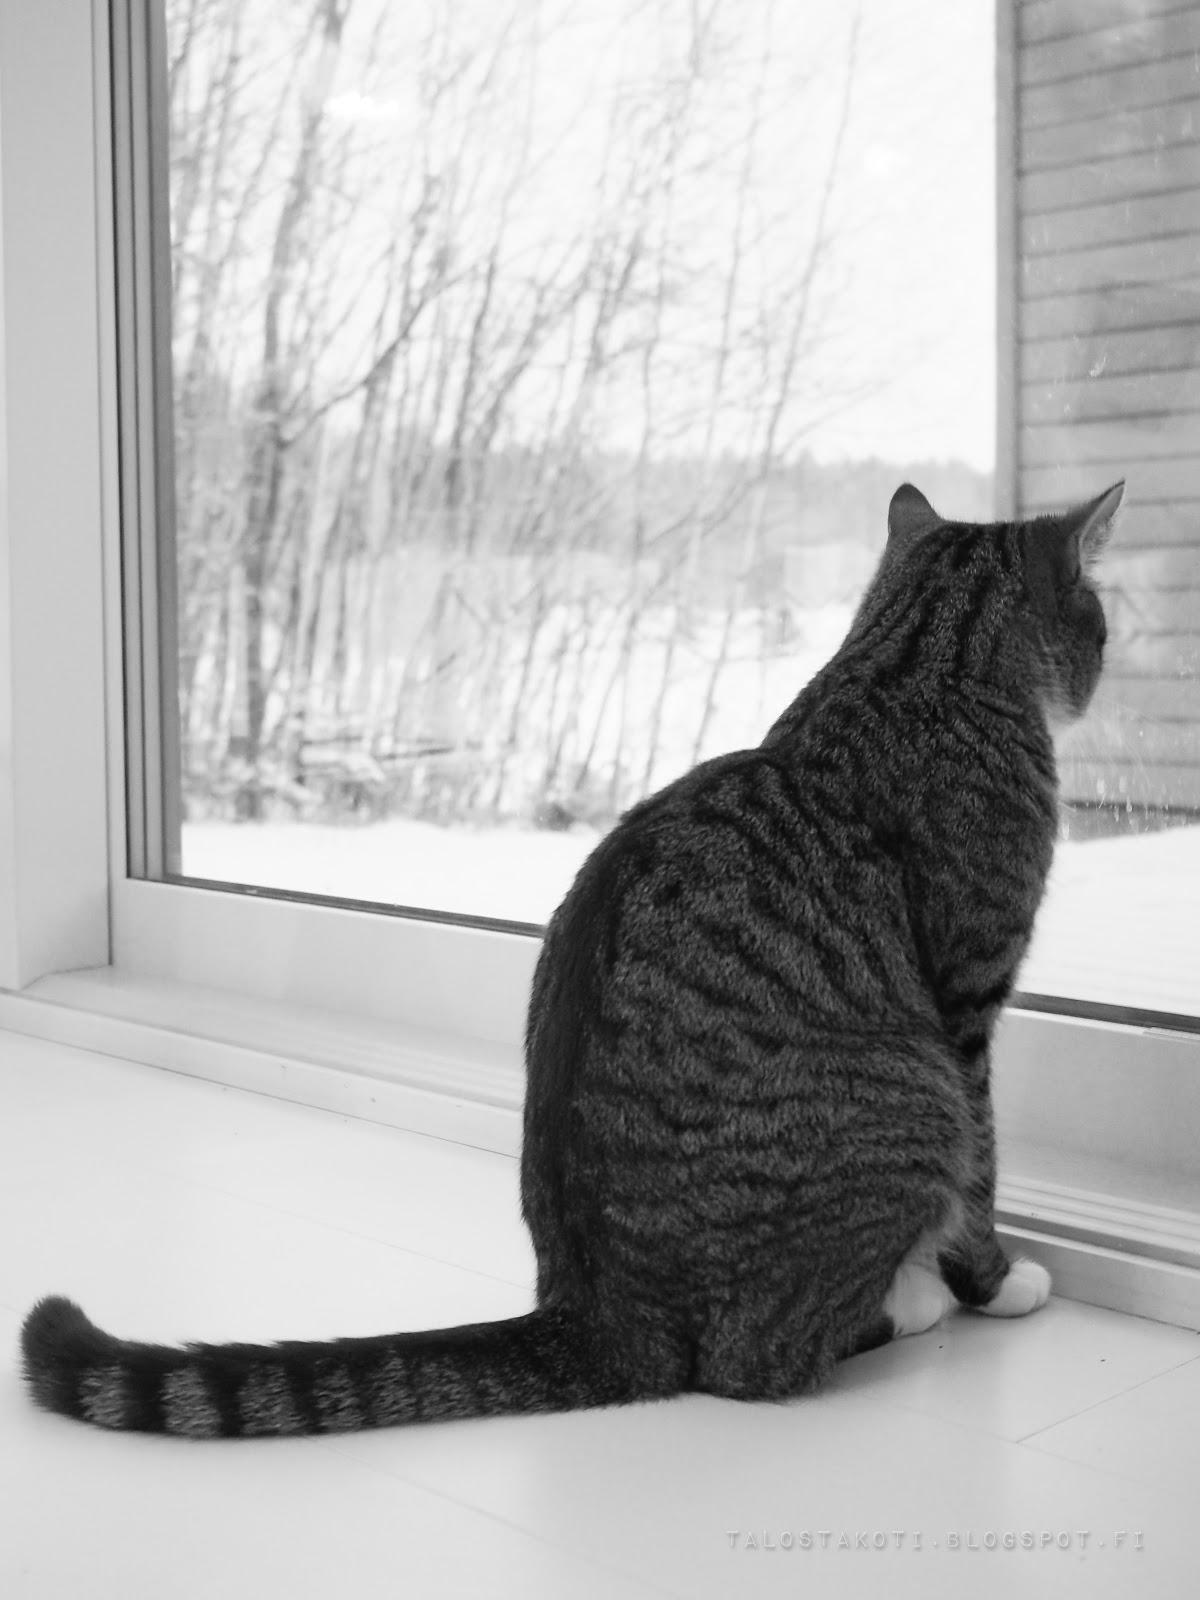 kissa, keittiö, talostakoti